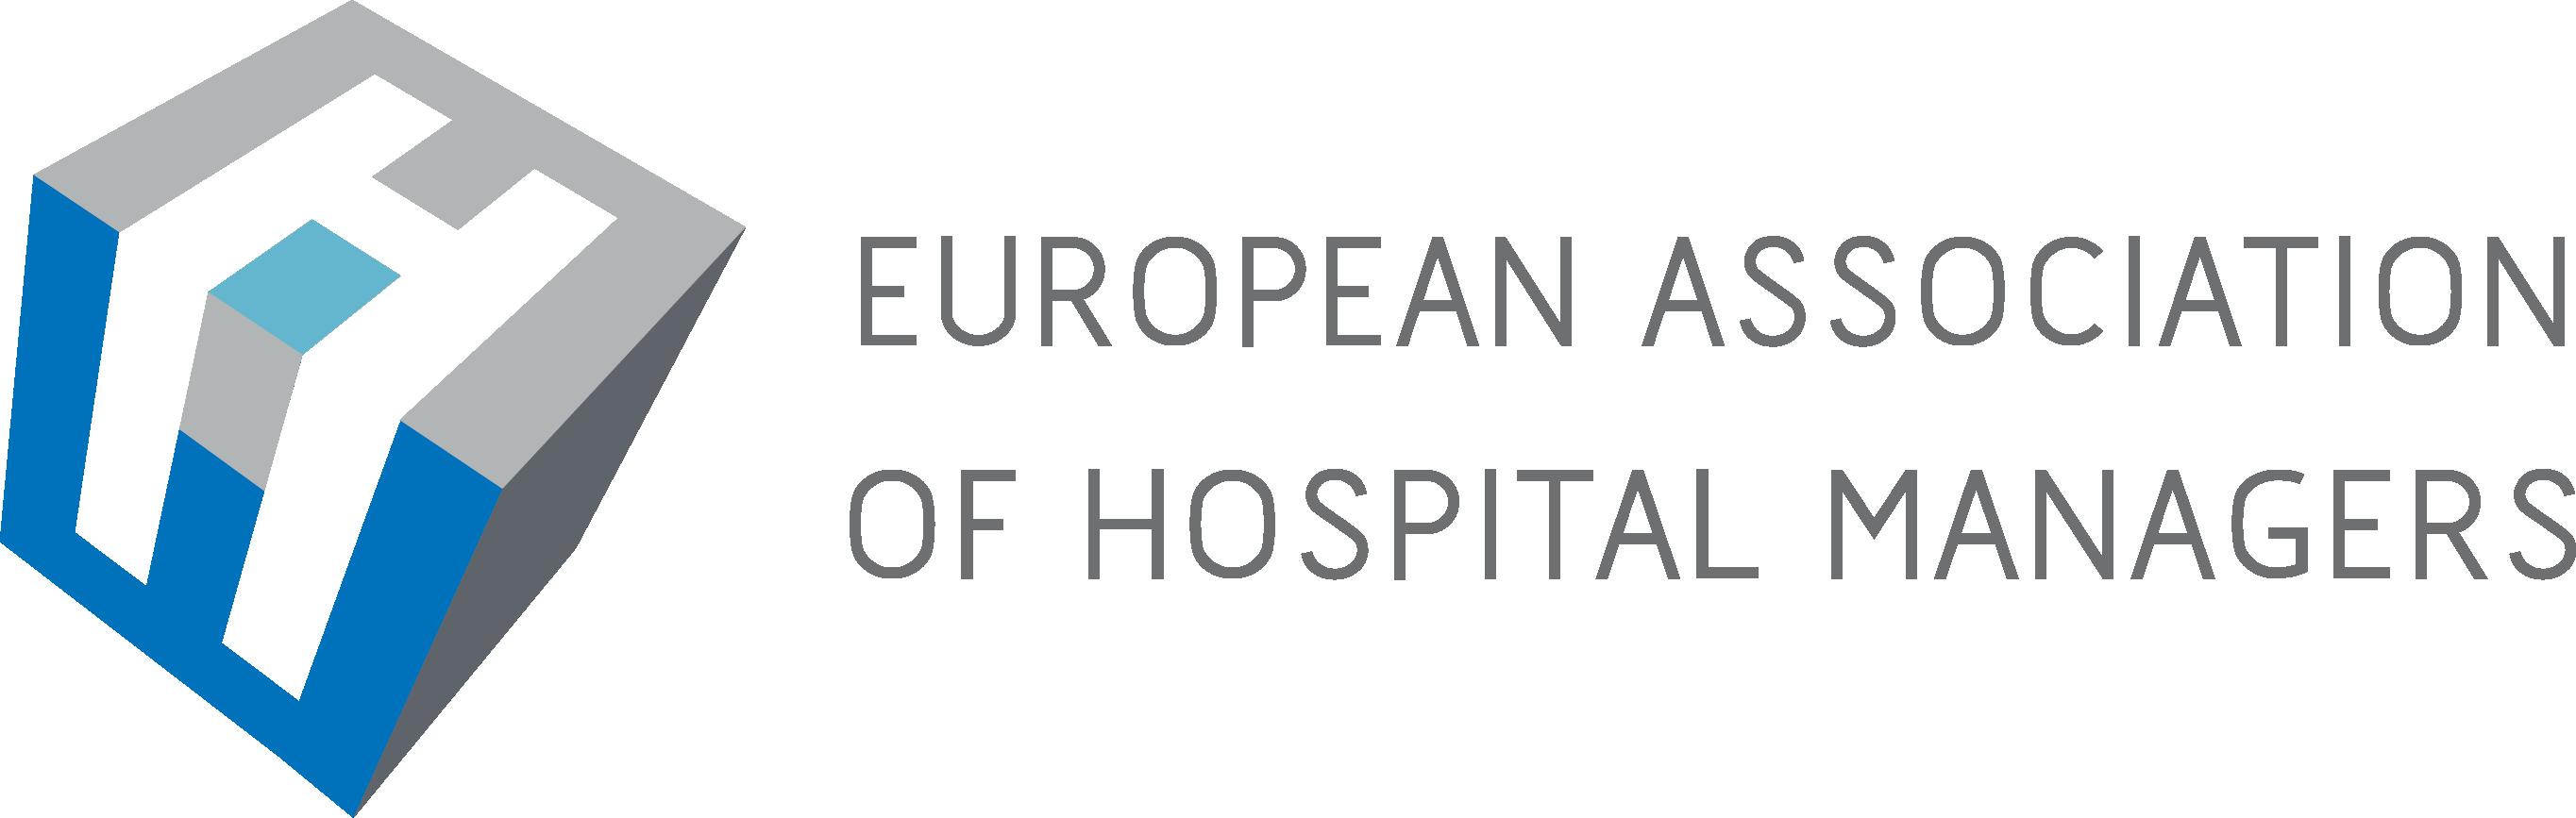 Europäische Vereinigung der Krankenhausdirektoren